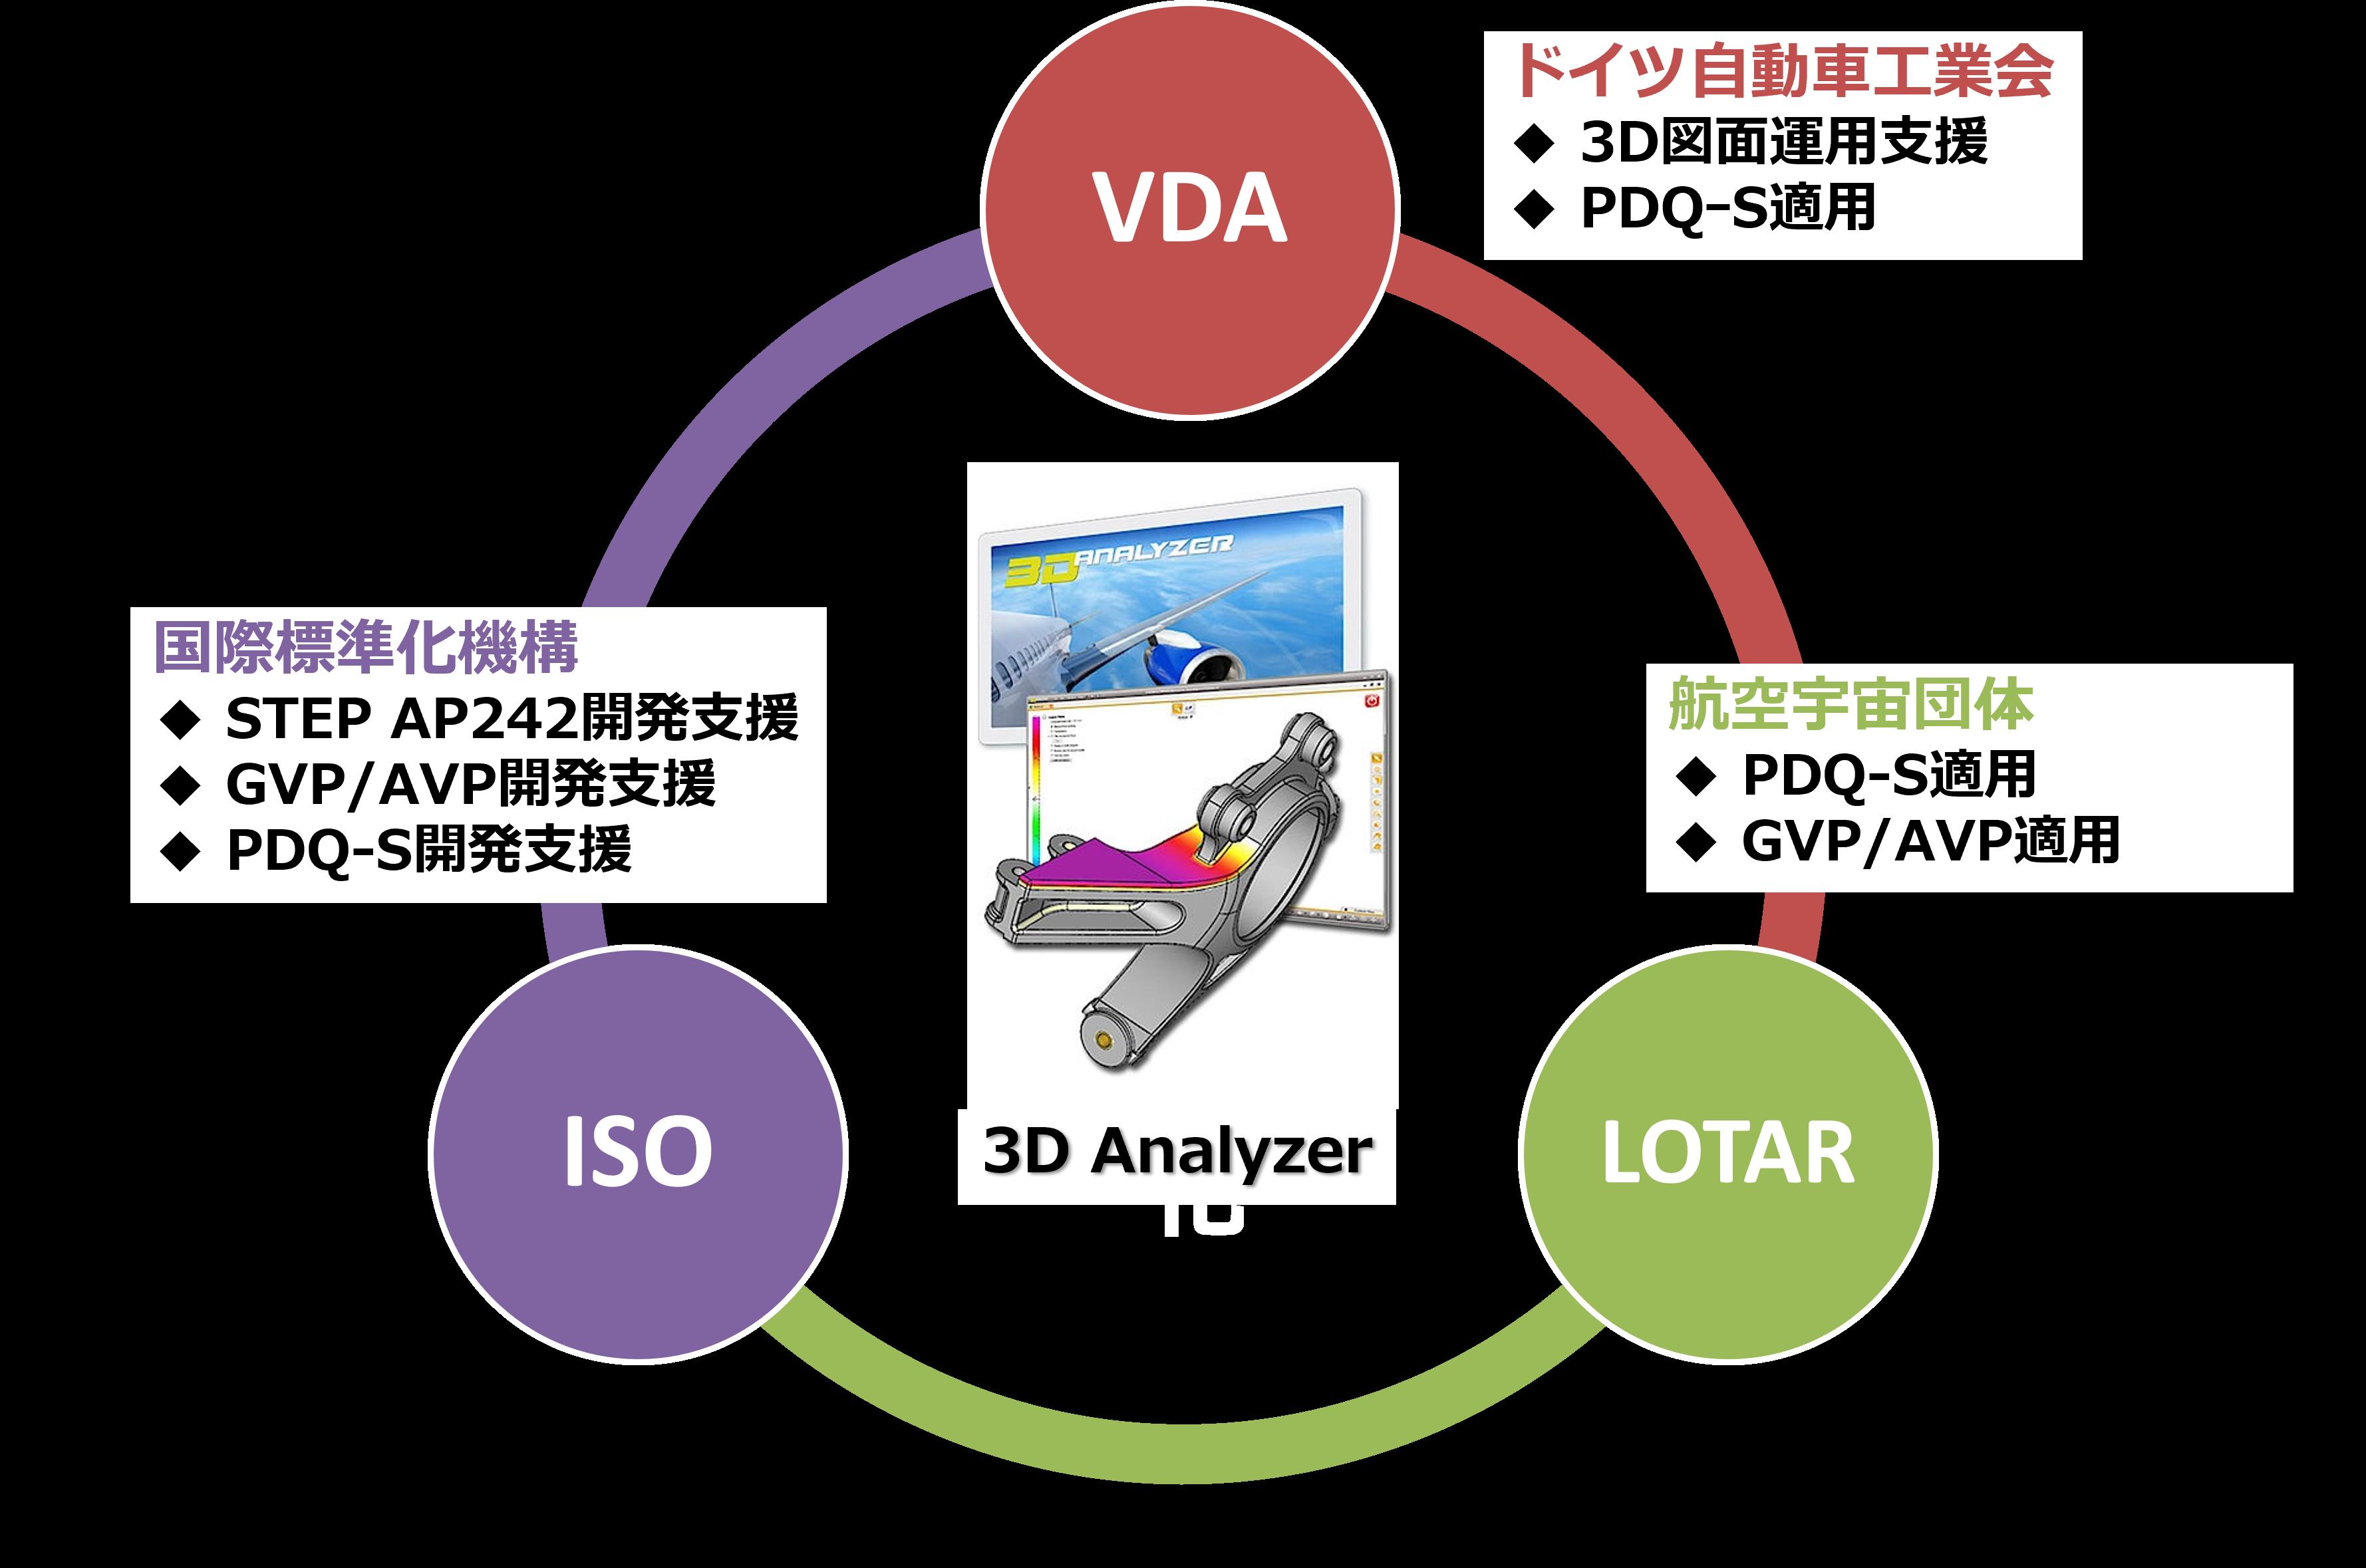 「3D Analyzer」